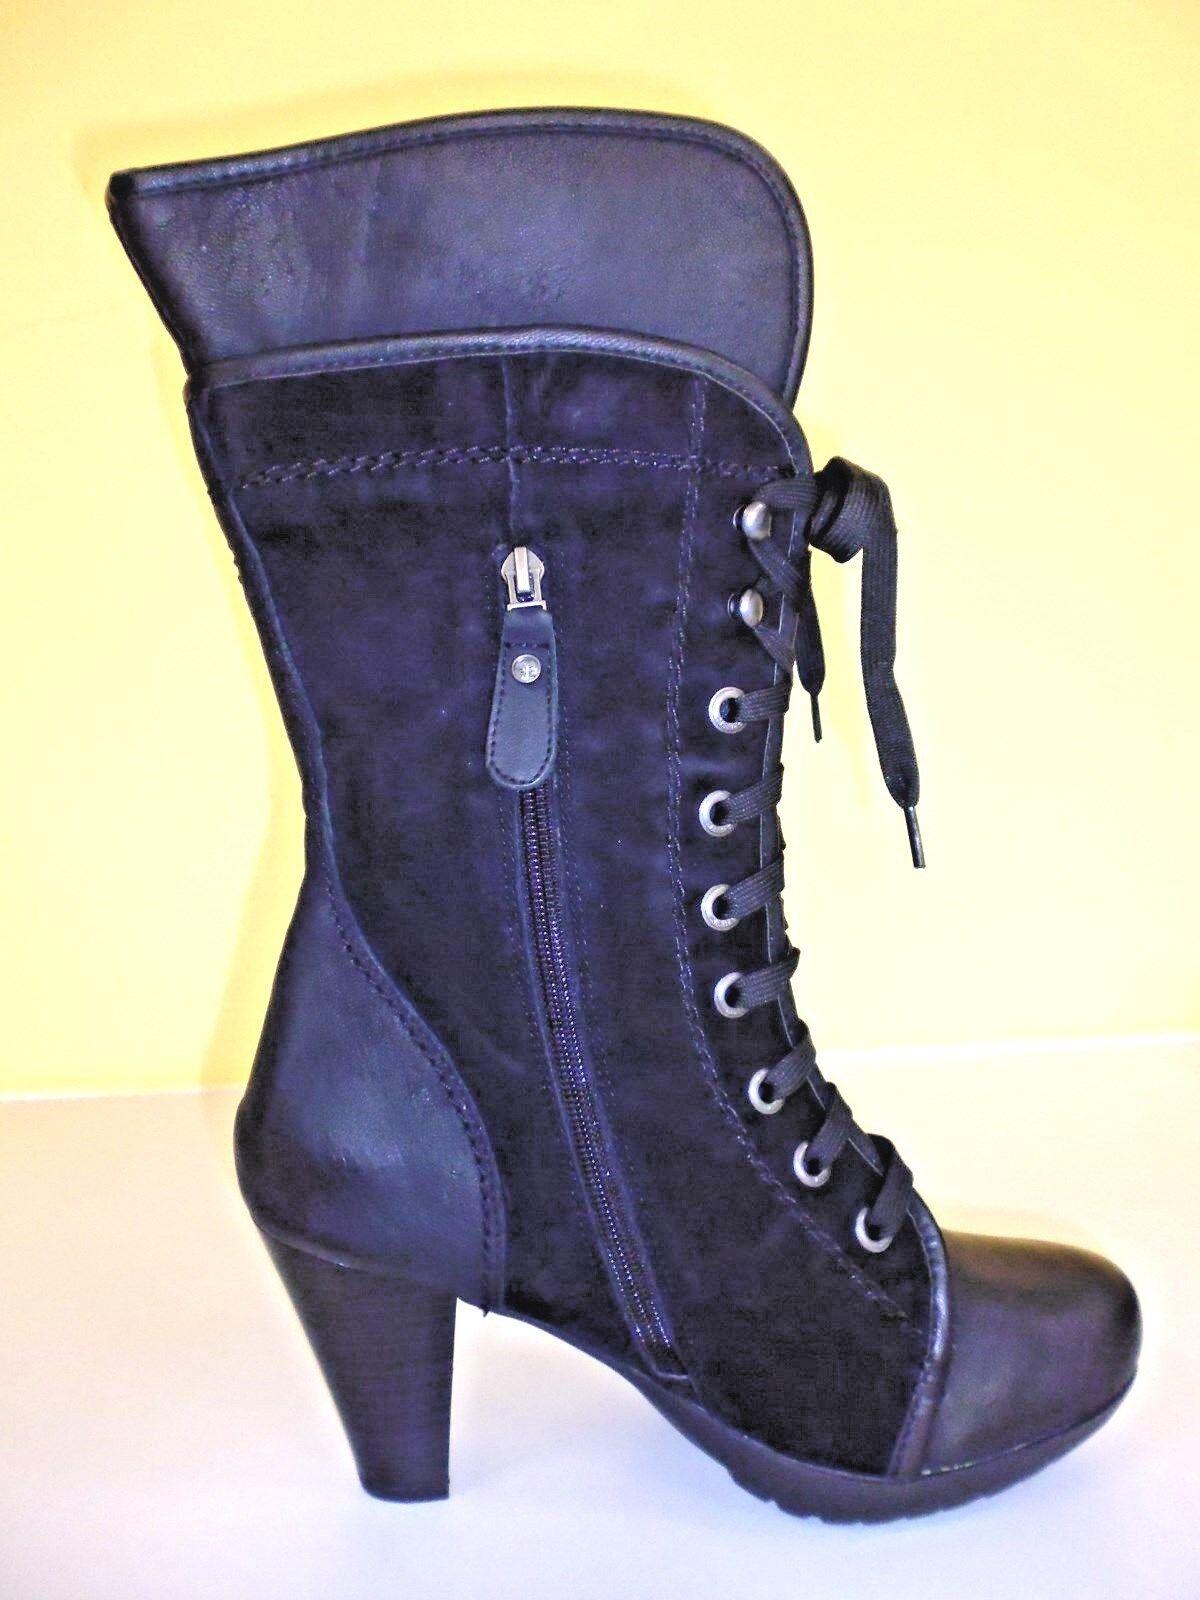 Zapatos botas botines plataforma cuero V. marc zapatos zapatos zapatos negro Gr. 41 (7,5)  despacho de tienda